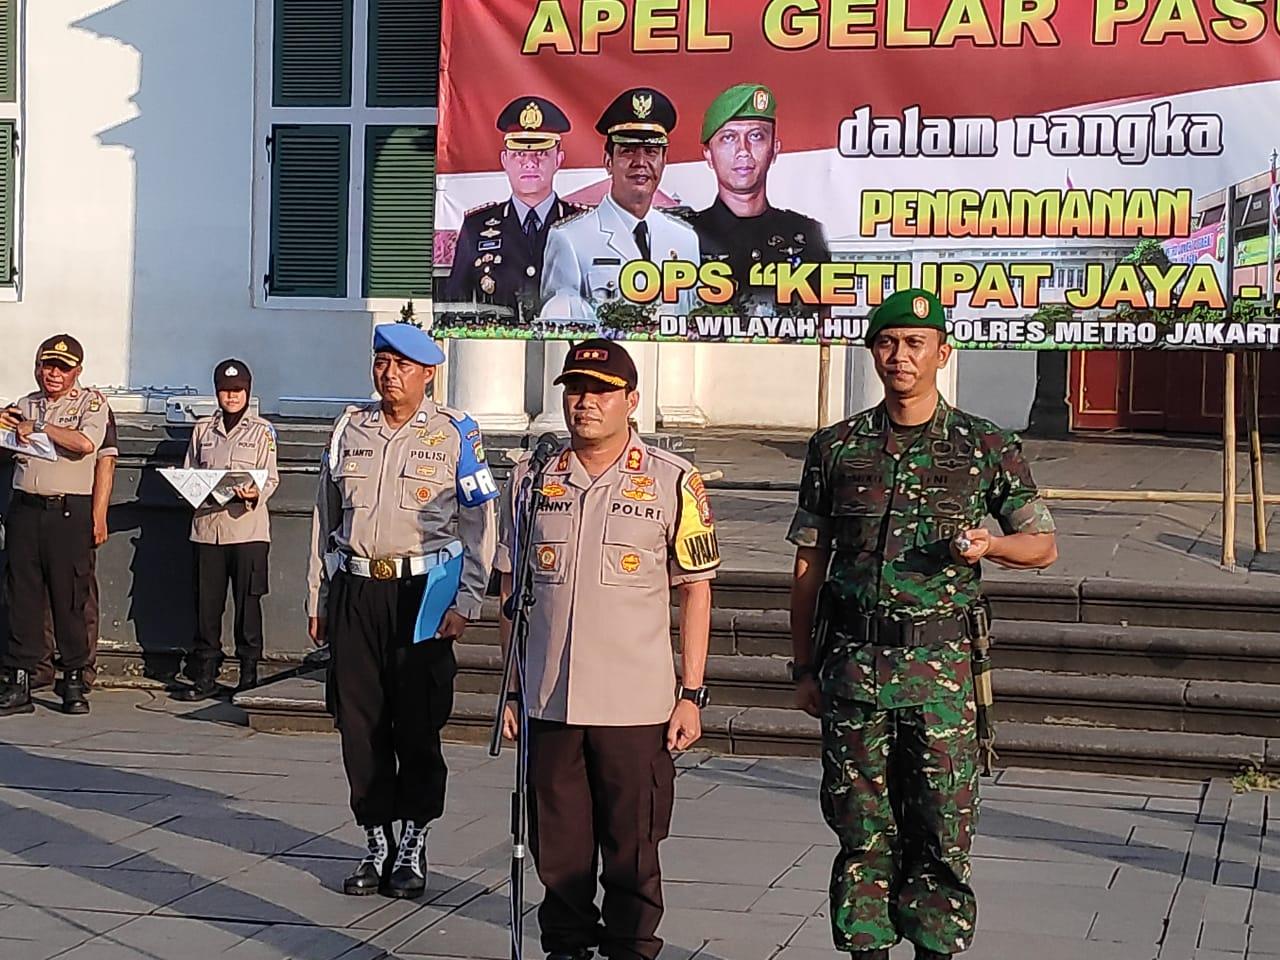 Kapolres Metro Jakarta Barat Gelar Apel Pasukan Dalam Rangka Pengamanan Operasi Ketupat Jaya 2019